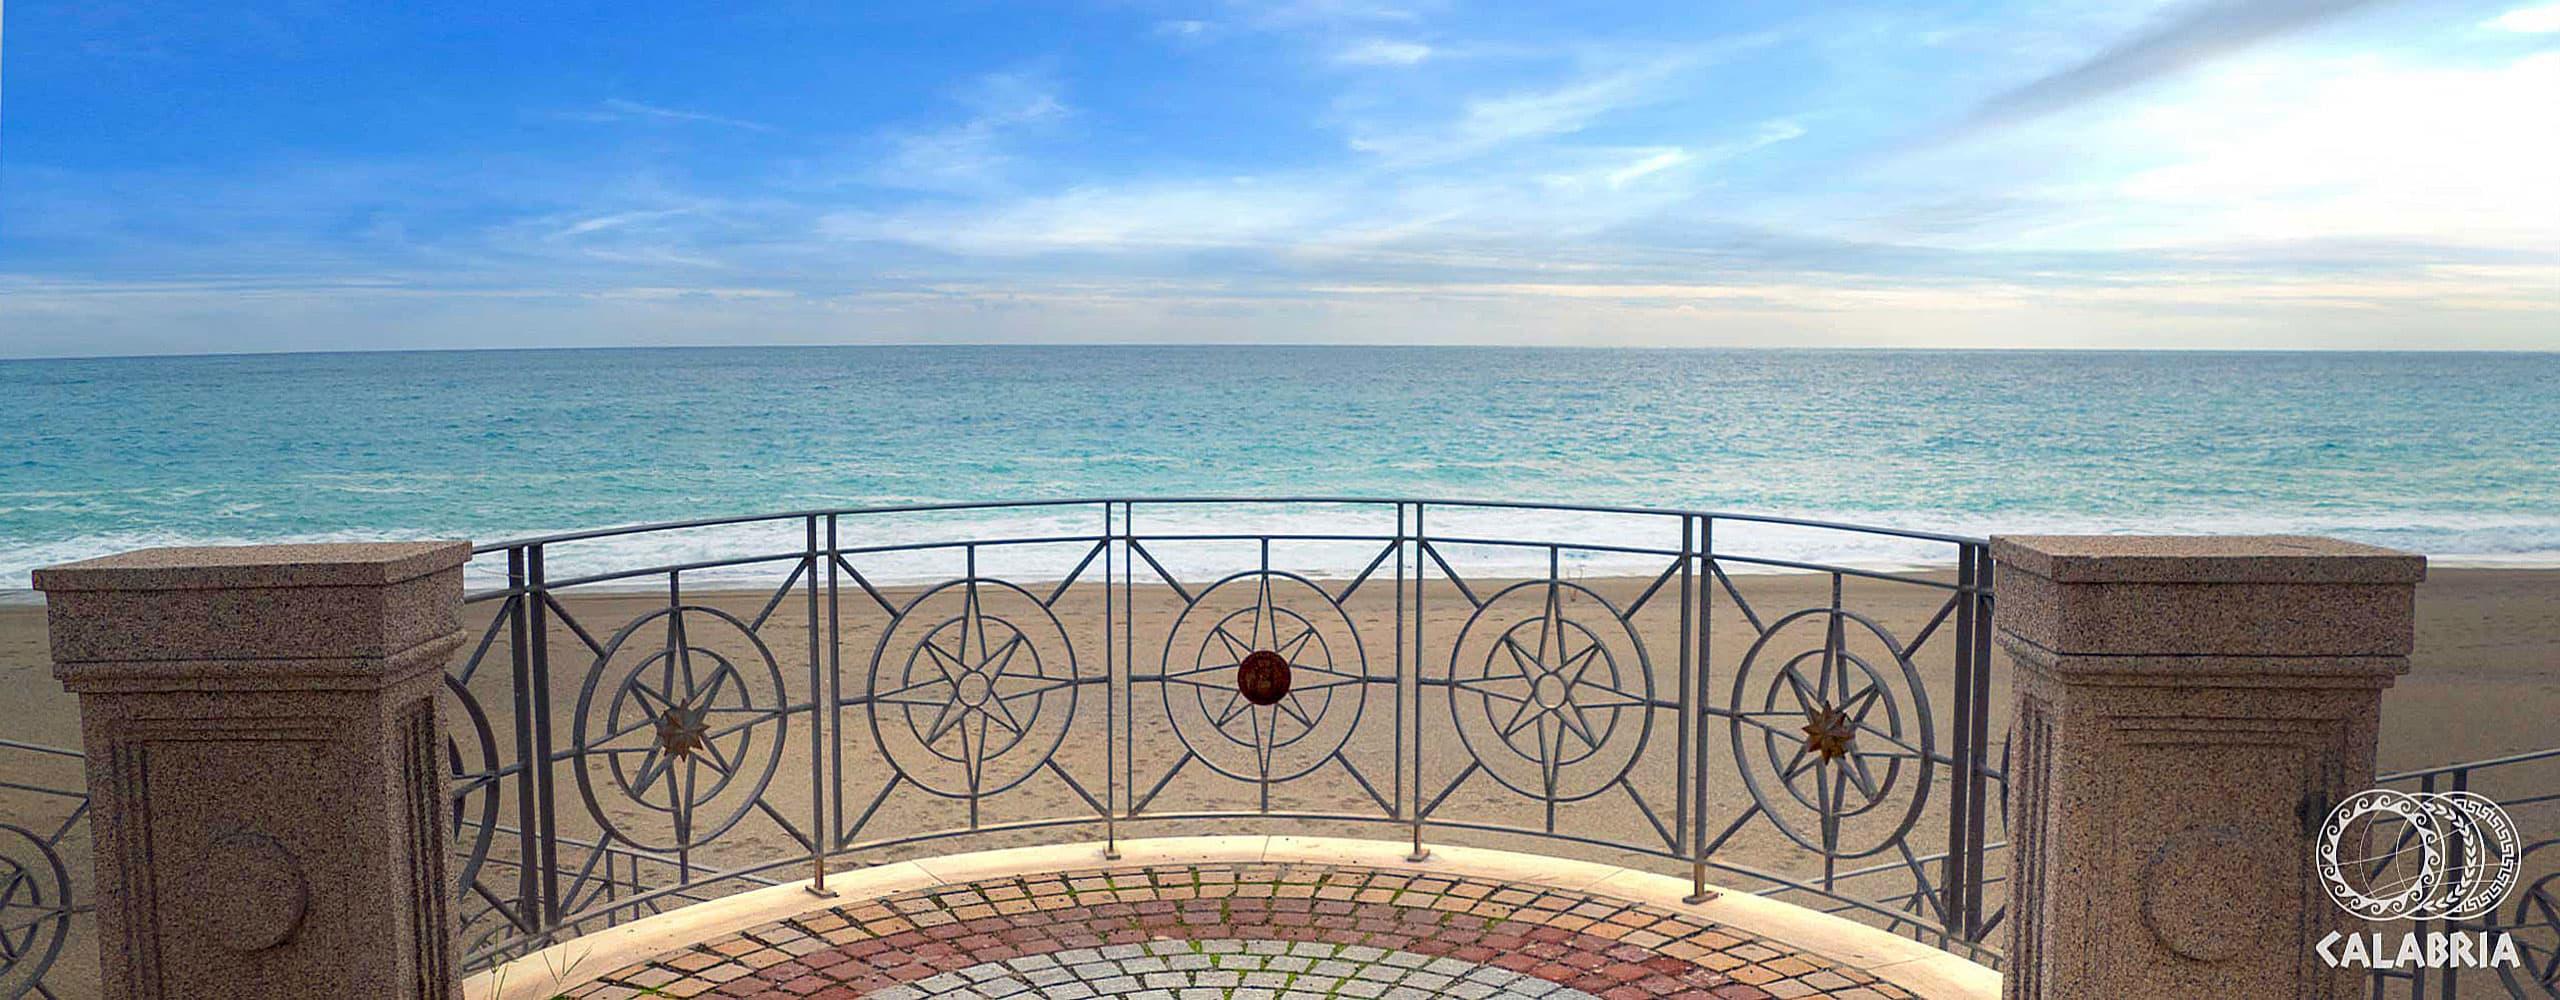 Le bellezze della Calabria a un passo da voi